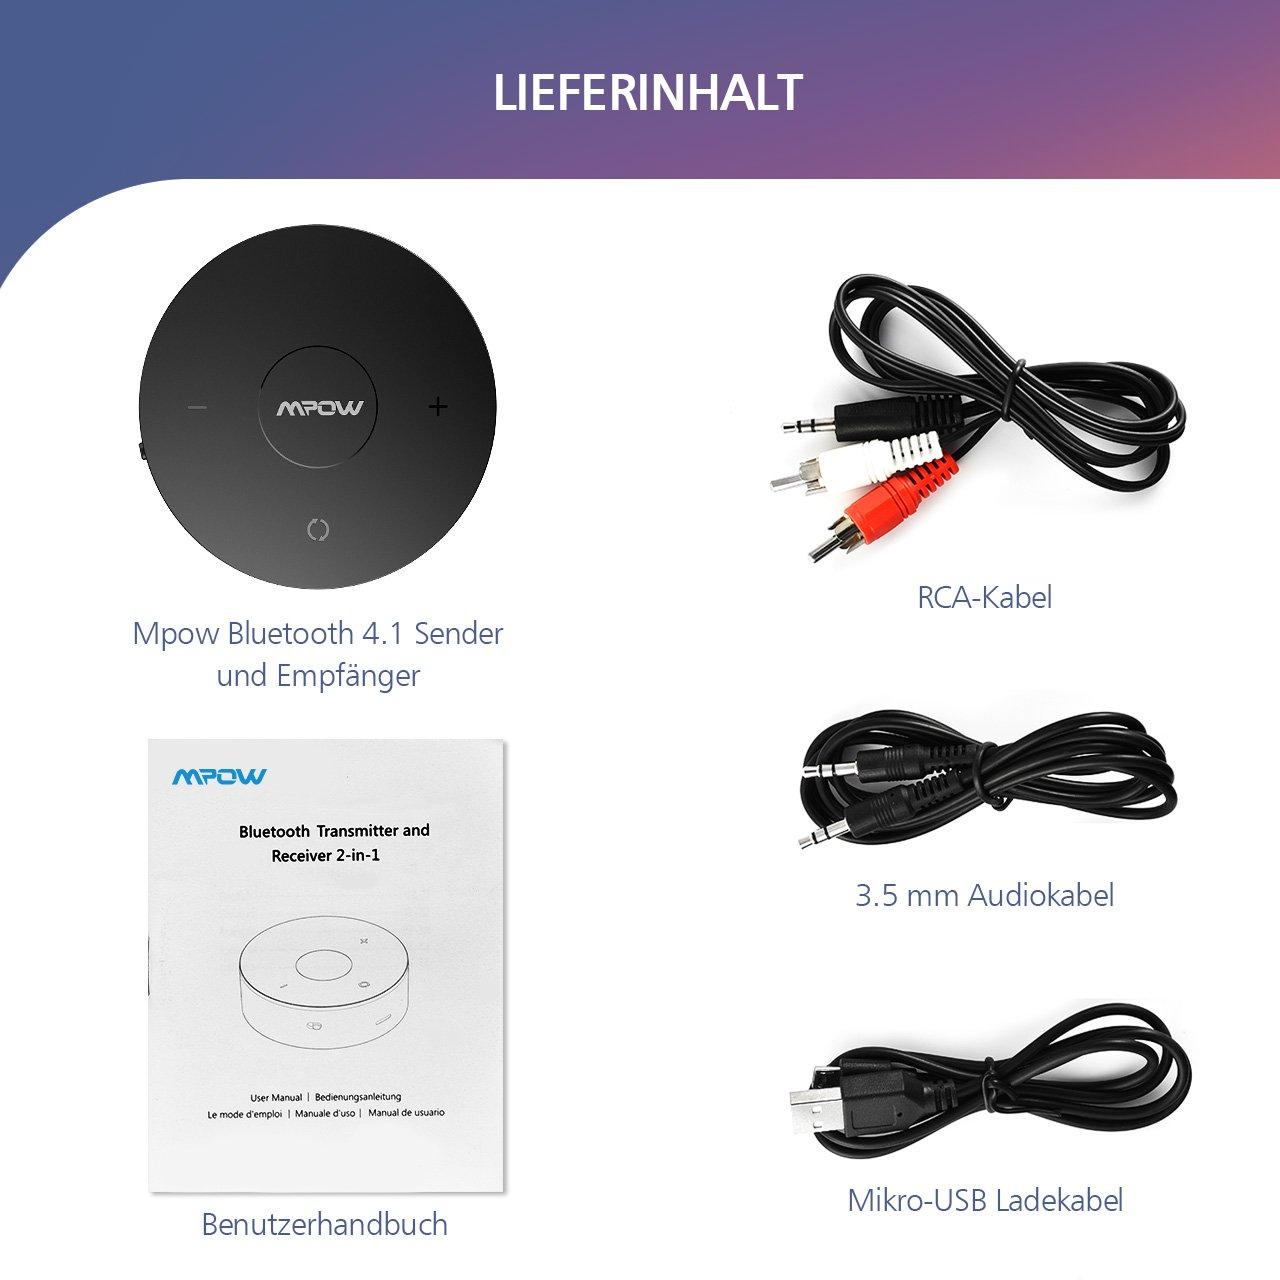 Mpow Bluetooth Transmitter und Empfänger,drahtlose: Amazon.de ...